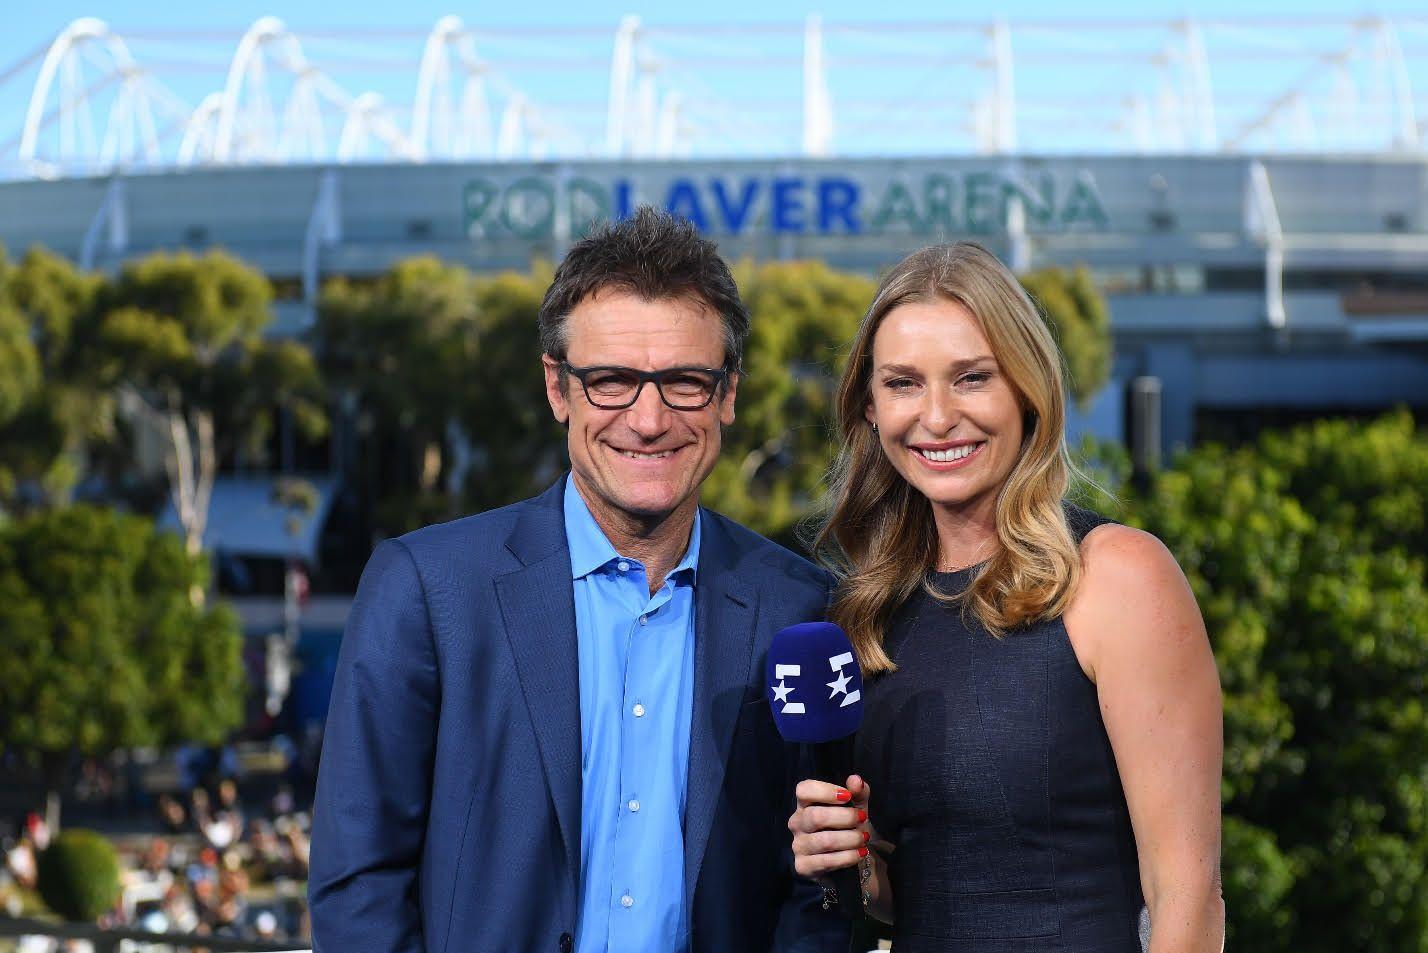 volti internazionali di Discovery, Mats Wilander e Barbara Schett, dallo studio Eurosport di Melbourne, Australian Open